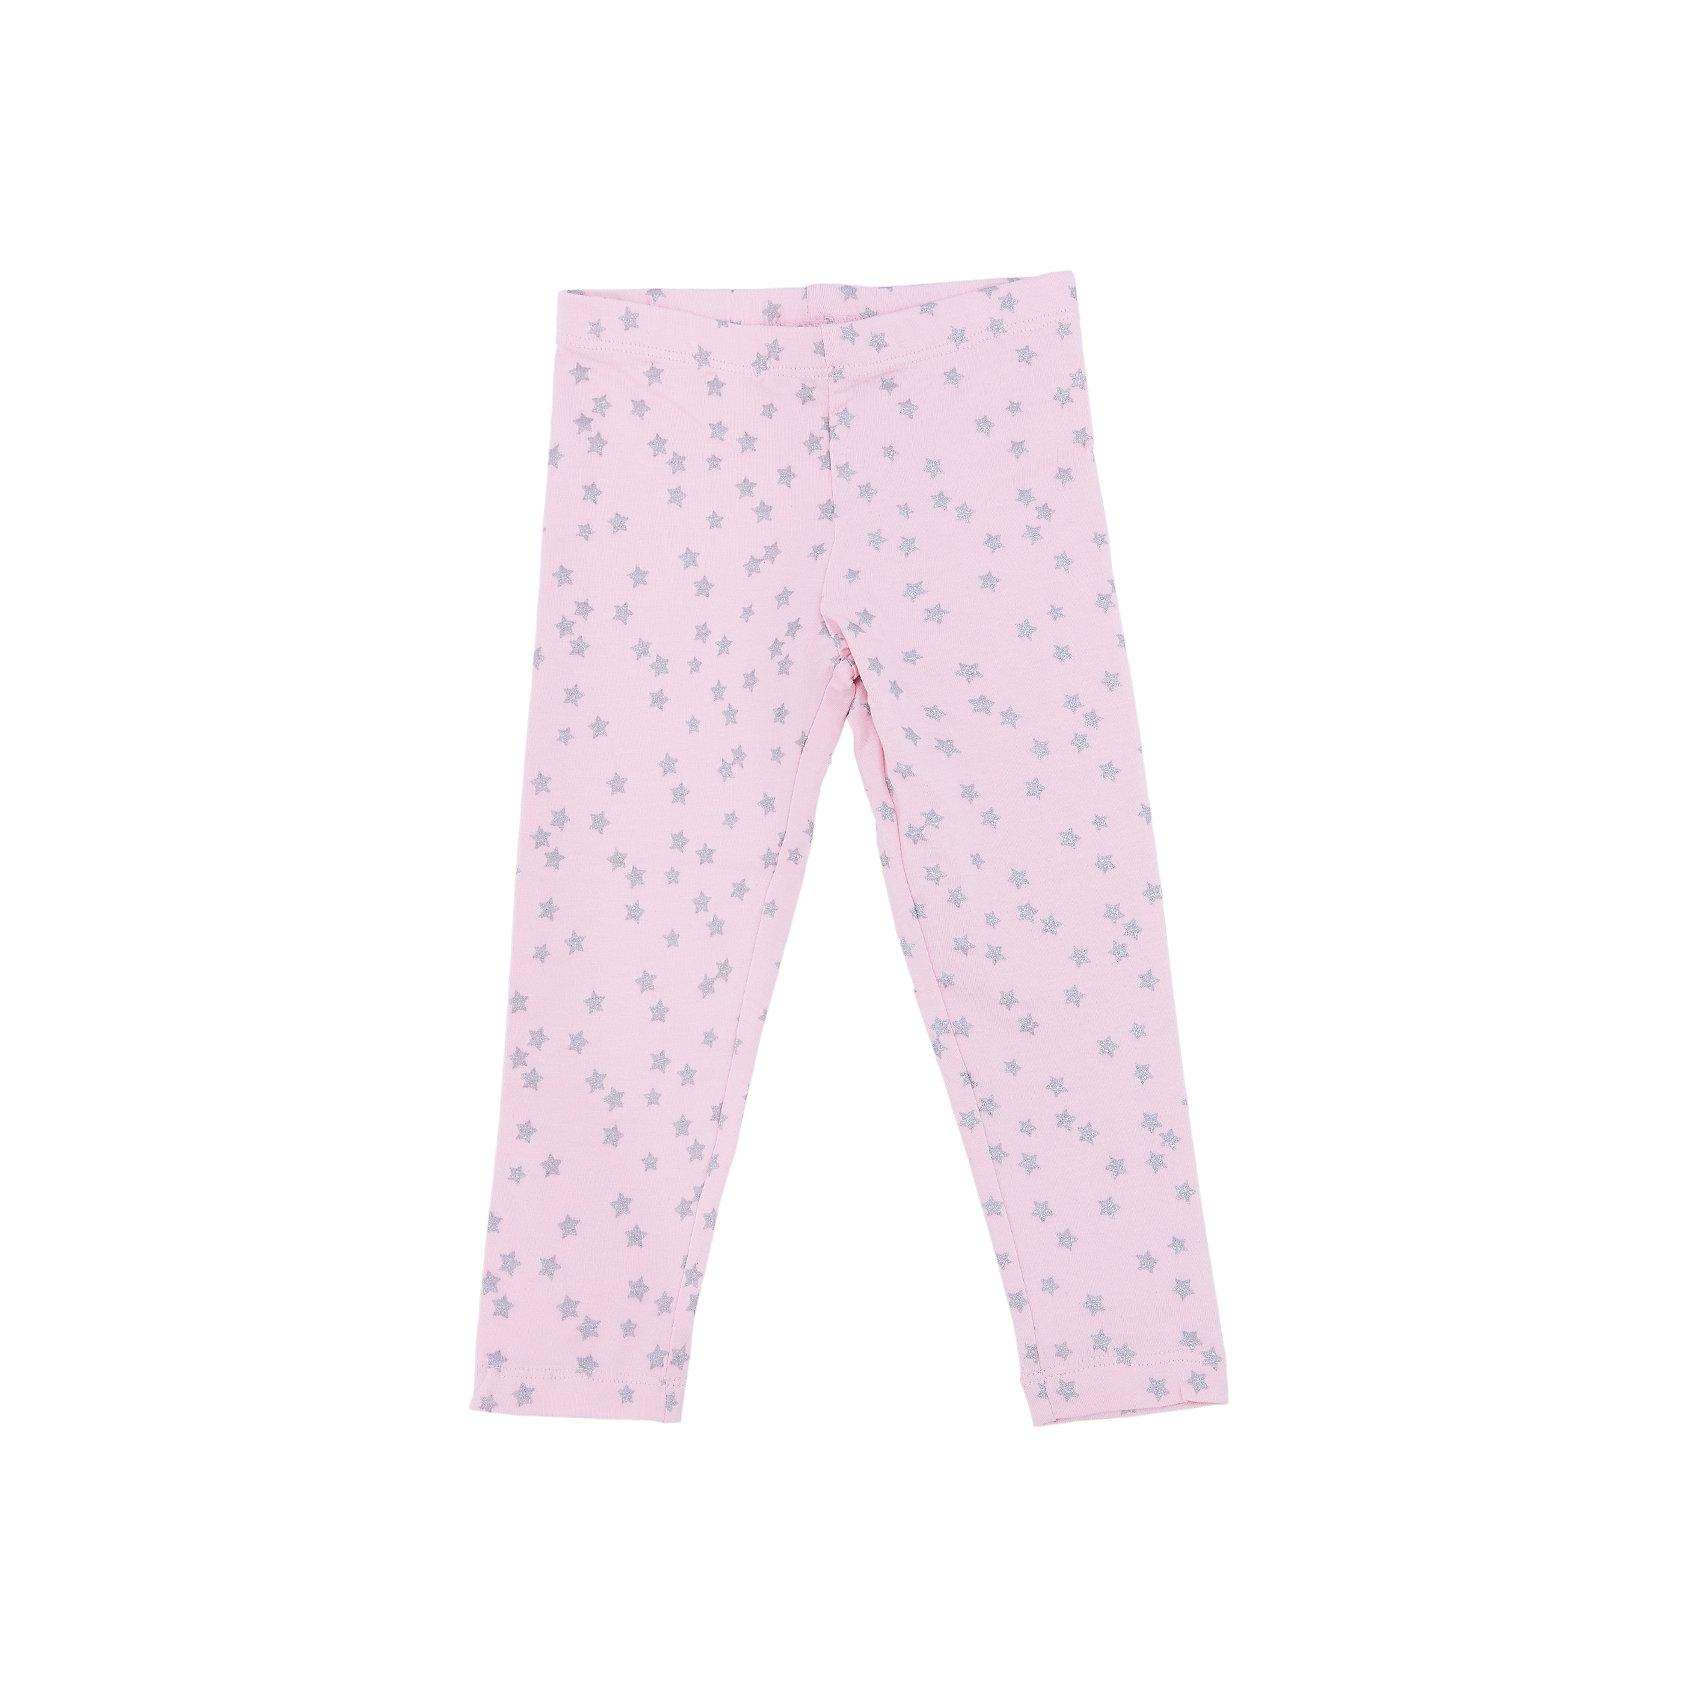 Леггинсы для девочки SELAЛеггинсы для девочки SELA<br><br>Характеристики:<br><br>• Цвет светло-розовый.<br>• Длина полная.<br>• Состав:95% хлопок, 5% эластан.<br><br>Леггинсы для девочки от признанного лидера по созданию коллекций одежды в стиле casual - SELA. Эта модель отлично сидит на ребенке, она сшита из хлопкового трикотажа. Эти красивые брючки светло- розового цвета украшены принтом- блестящими звездочками. Пояс на мягкой резинке. Натуральный хлопок в составе изделия делает его дышащим, приятным на ощупь и гипоаллергенным. Модель станет удобной универсальной вещью для занятий спортом и прогулок, которая будет уместна в различных сочетаниях.<br><br>Брюки для девочки SELA, можно купить в нашем интернет - магазине.<br><br>Ширина мм: 215<br>Глубина мм: 88<br>Высота мм: 191<br>Вес г: 336<br>Цвет: розовый<br>Возраст от месяцев: 60<br>Возраст до месяцев: 72<br>Пол: Женский<br>Возраст: Детский<br>Размер: 110,92,98,104,116<br>SKU: 5020239